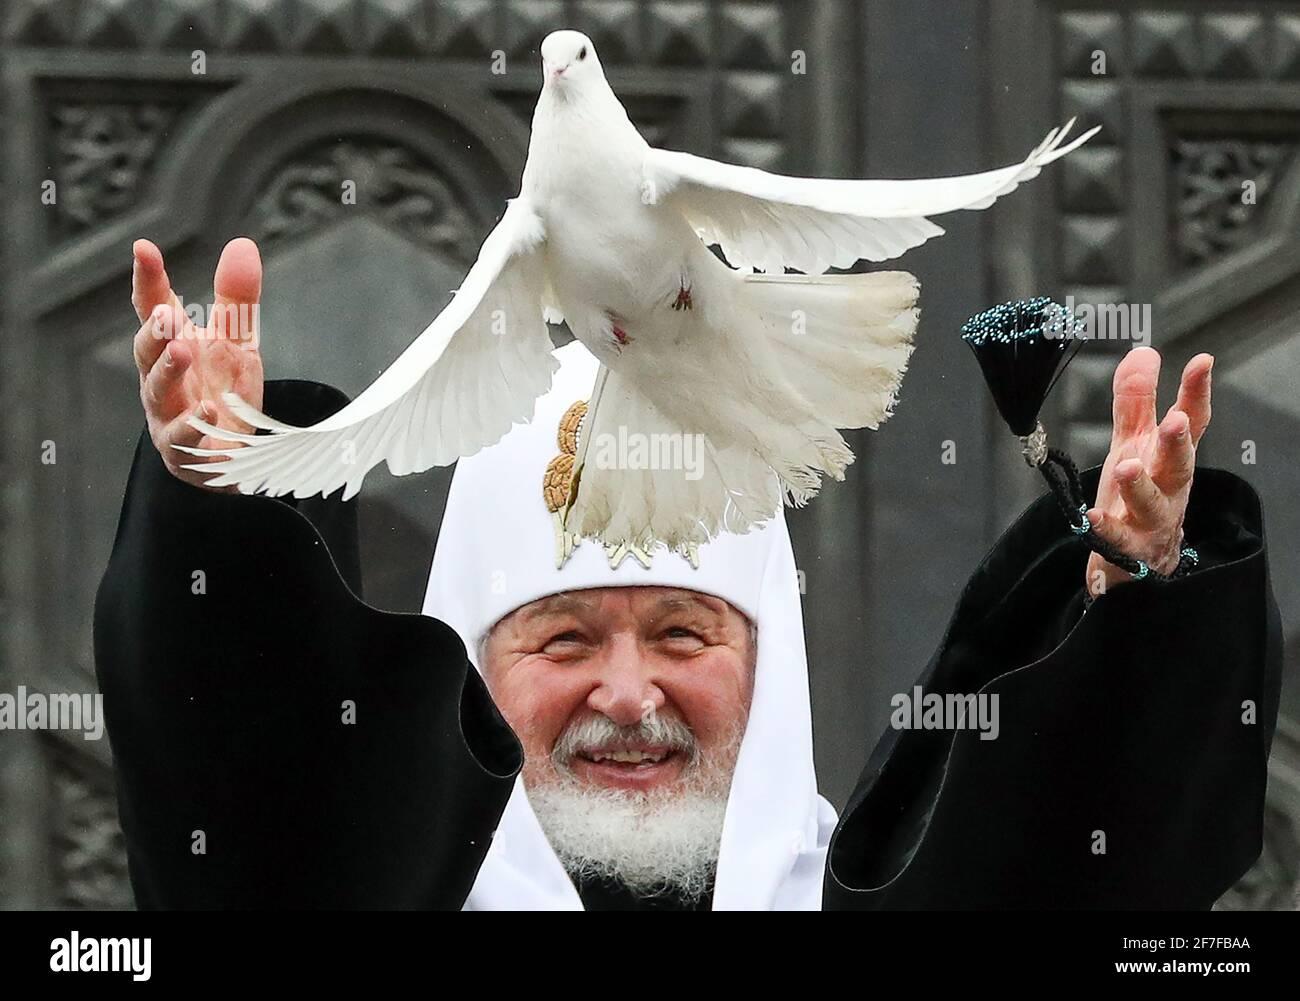 Mosca, Russia. 7 Apr 2021. Il Patriarca Kirill di Mosca e tutta la Russia rilascia colombe nel cielo per celebrare la festa dell'Annunciazione fuori della Cattedrale di Cristo Salvatore. Credit: Mikhail Tereshchenko/TASS/Alamy Live News Foto Stock